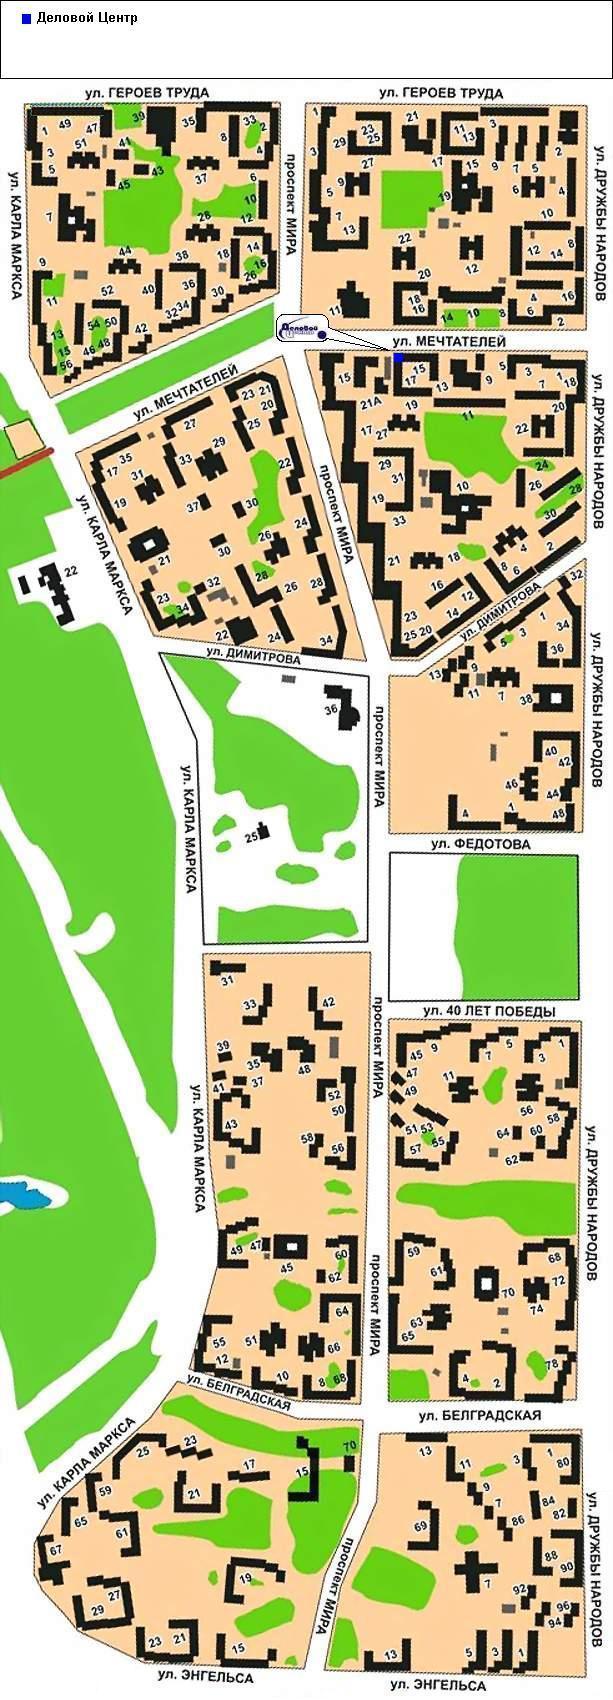 План города усть илимска фото 203-366